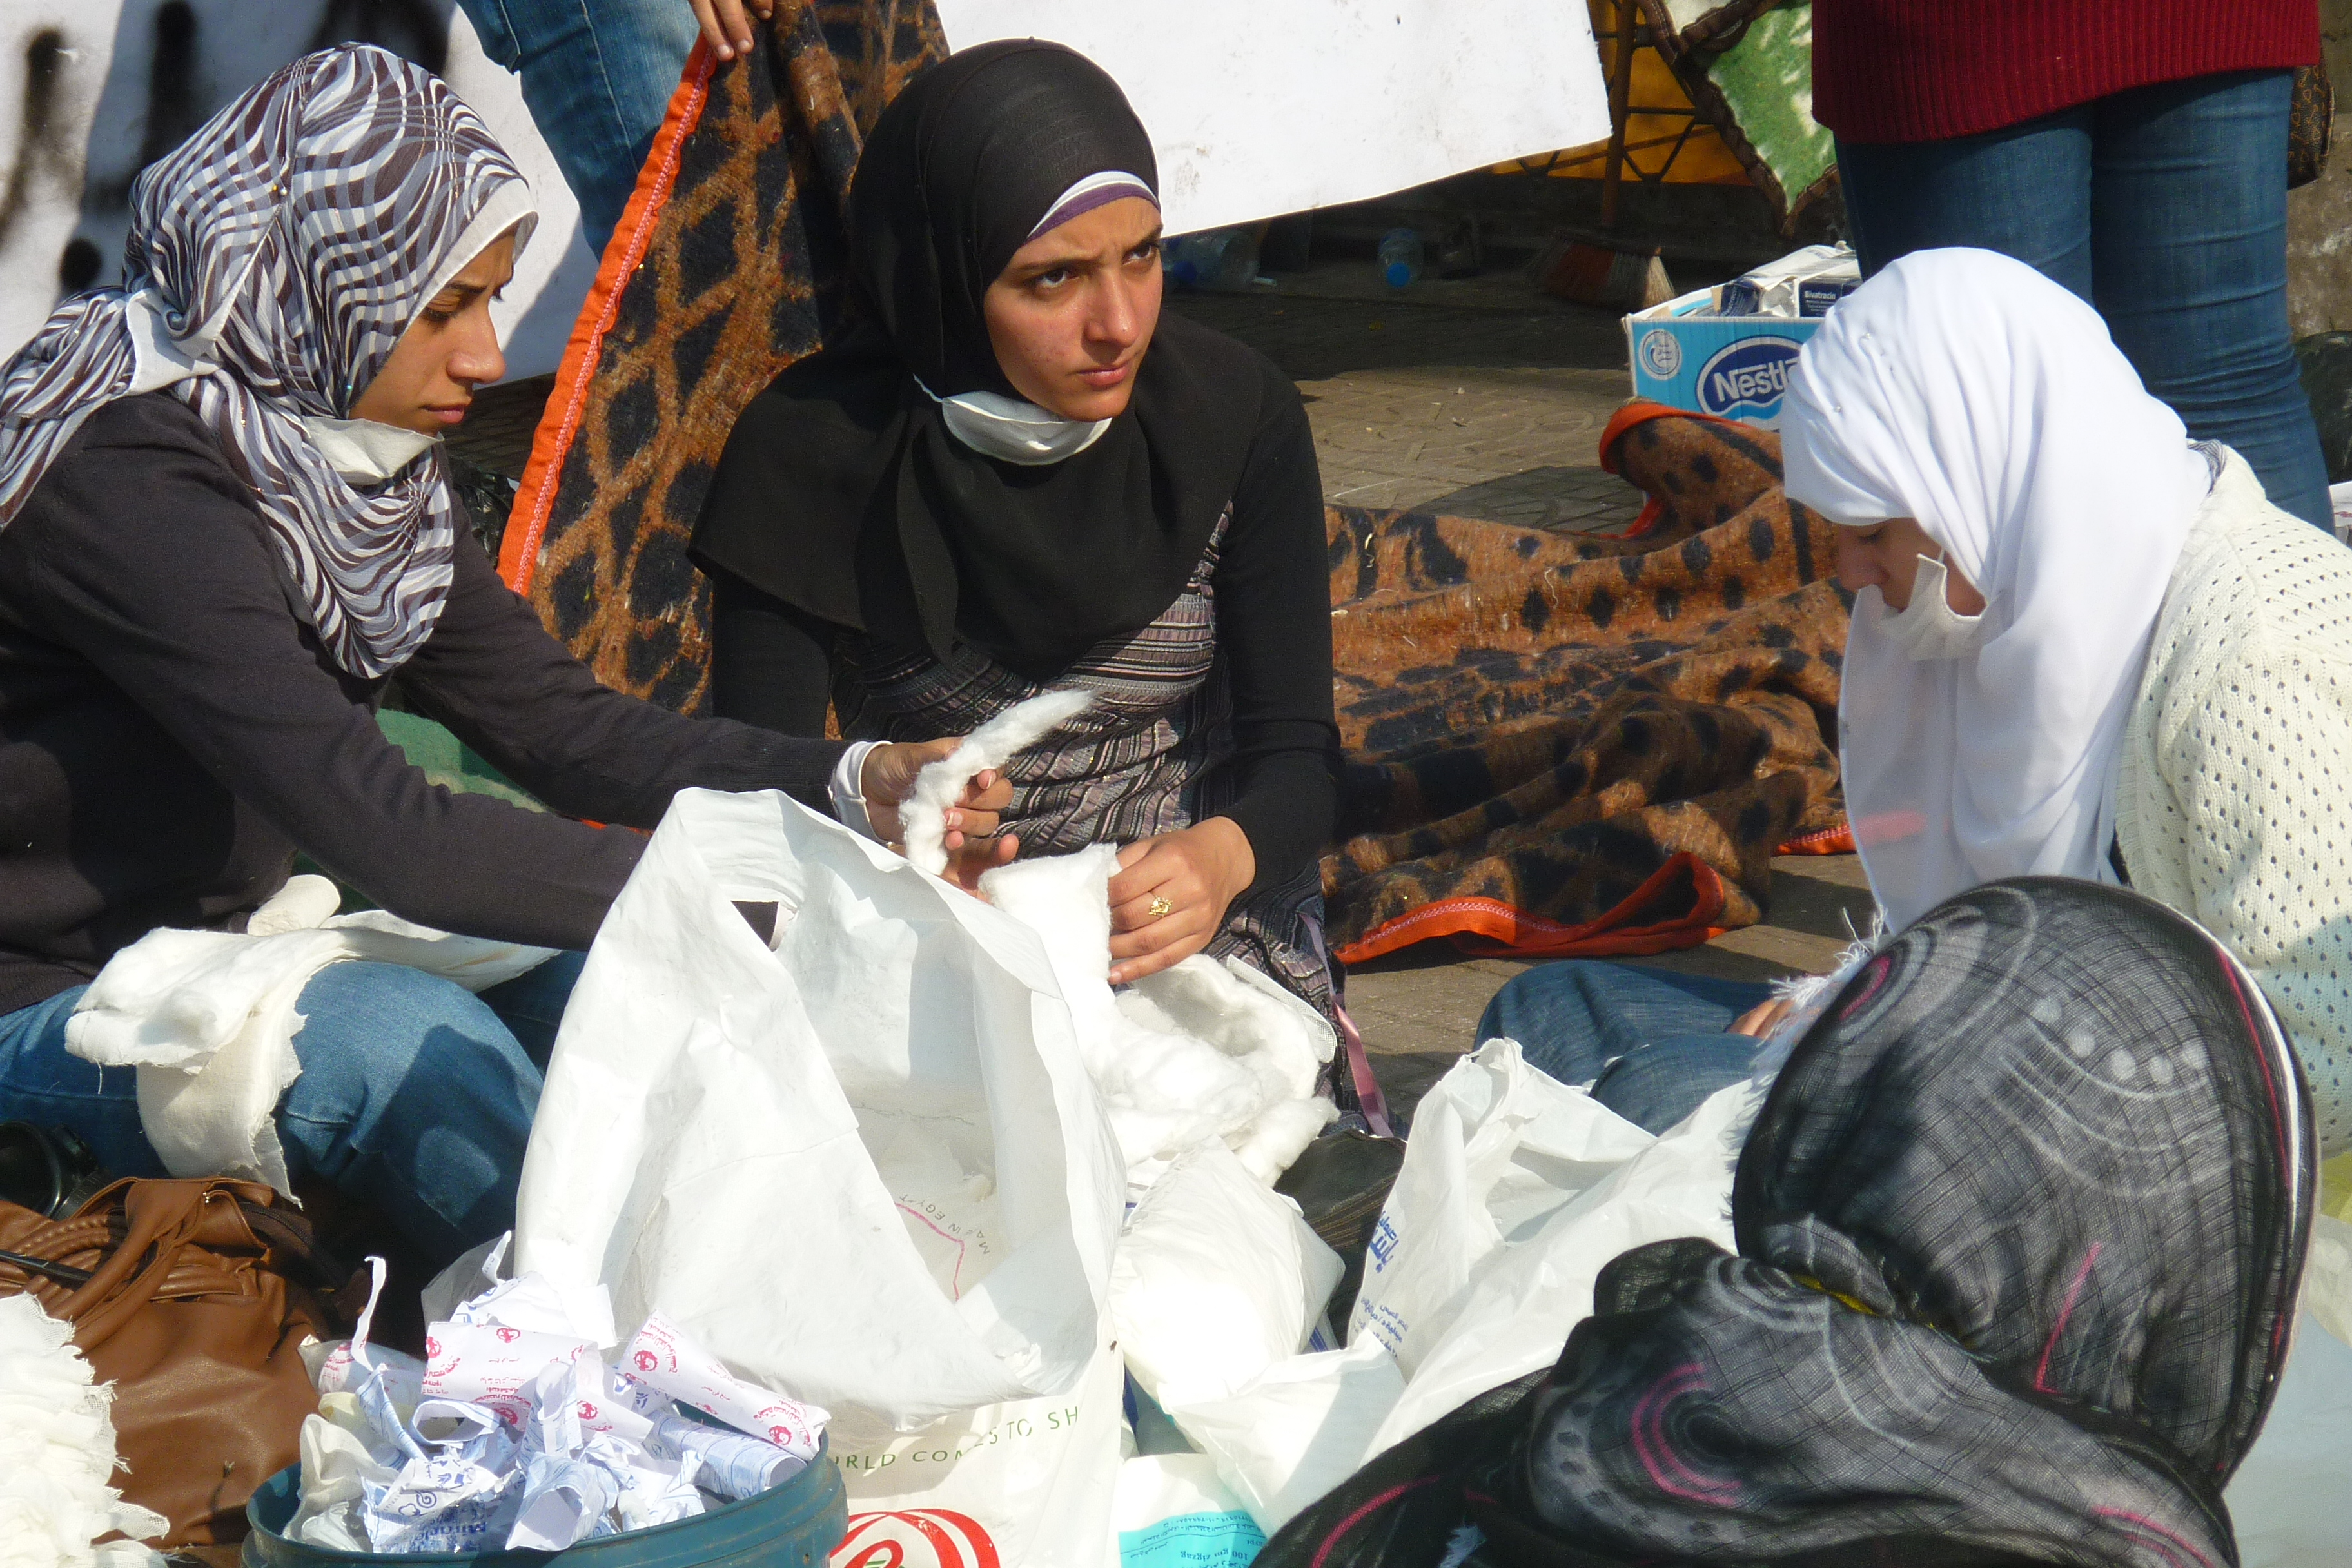 Egipto, durante las revueltas. Noviembre 2011